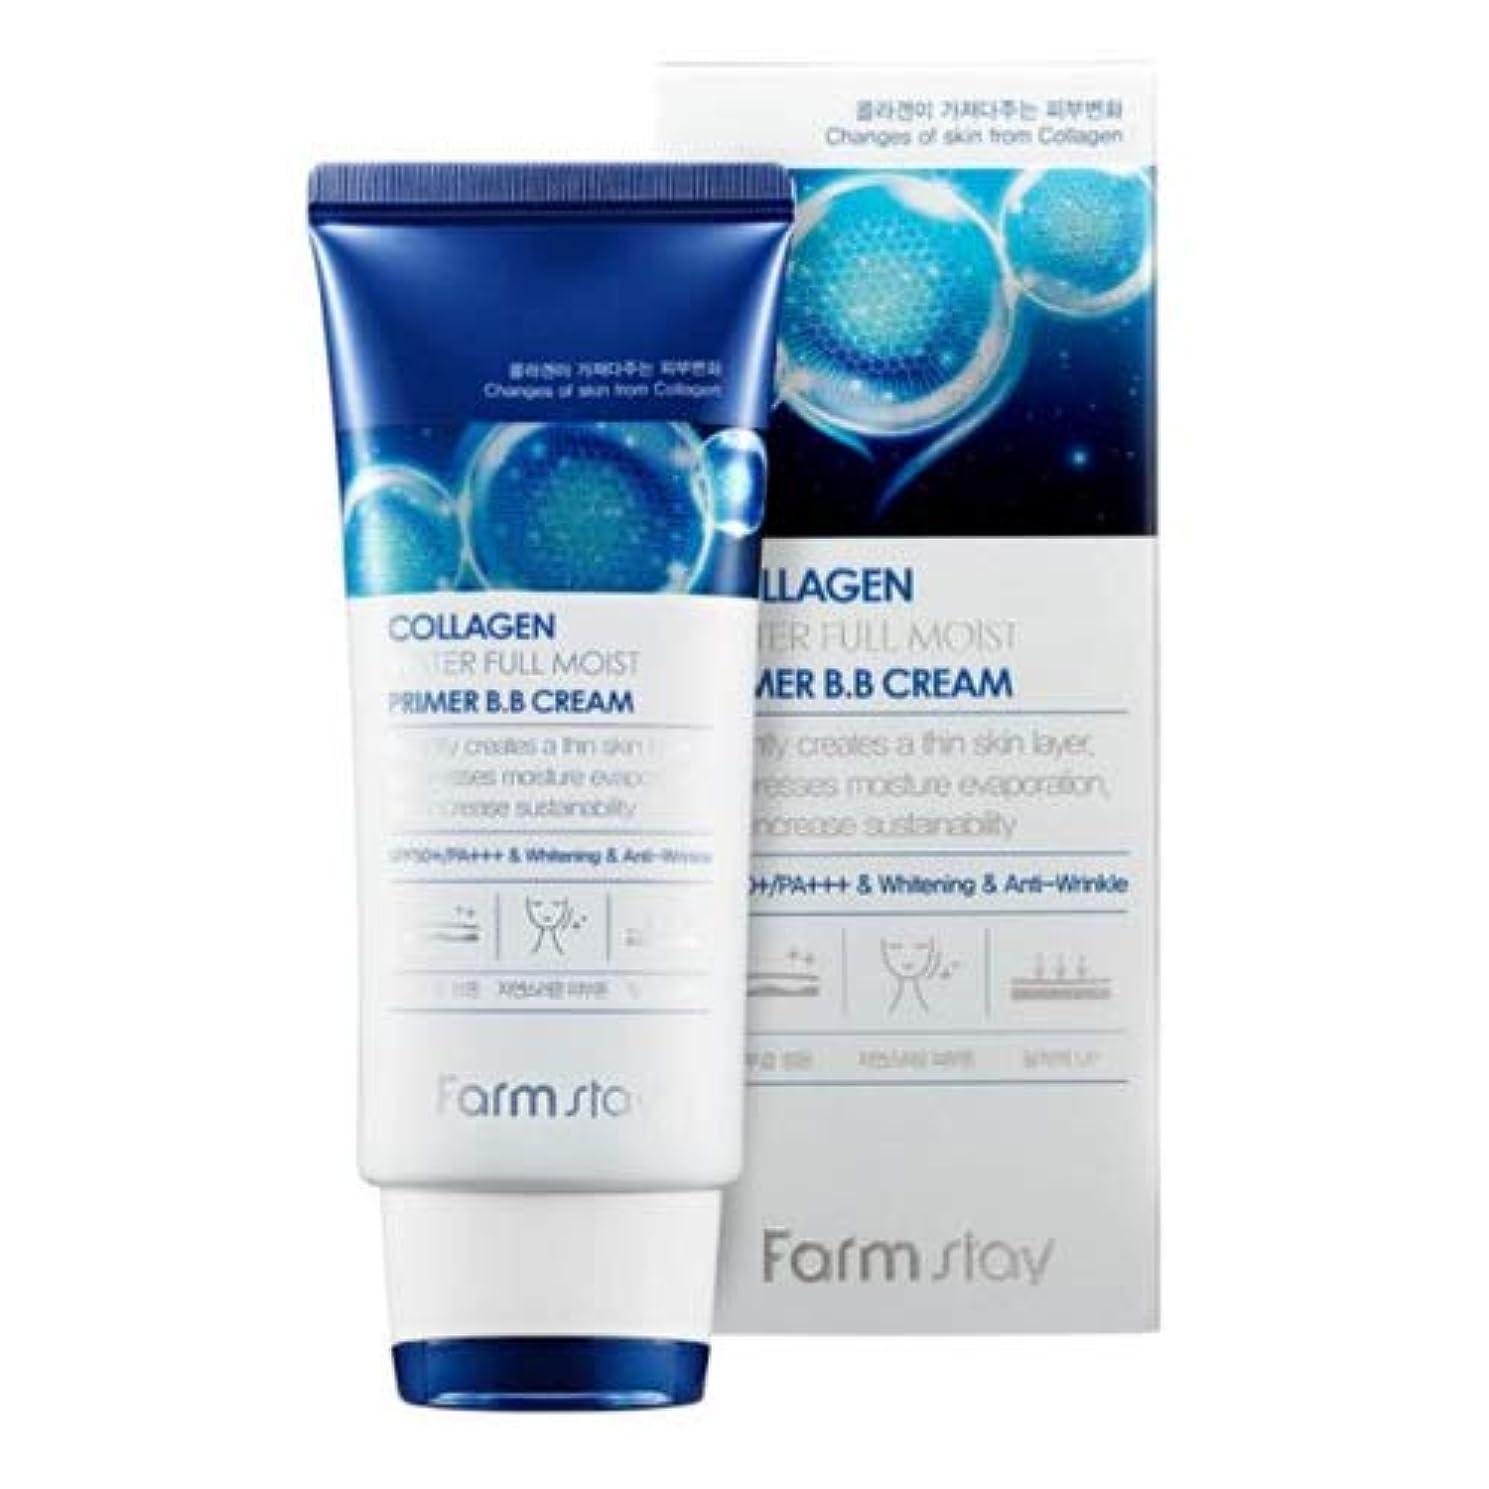 織機受けるがんばり続けるFarmstay Collagen Water Full Moist Primer BB Cream コラーゲンウォーターフルモイストプライマーBBクリーム50g SPF50+/PA+++ [並行輸入品]